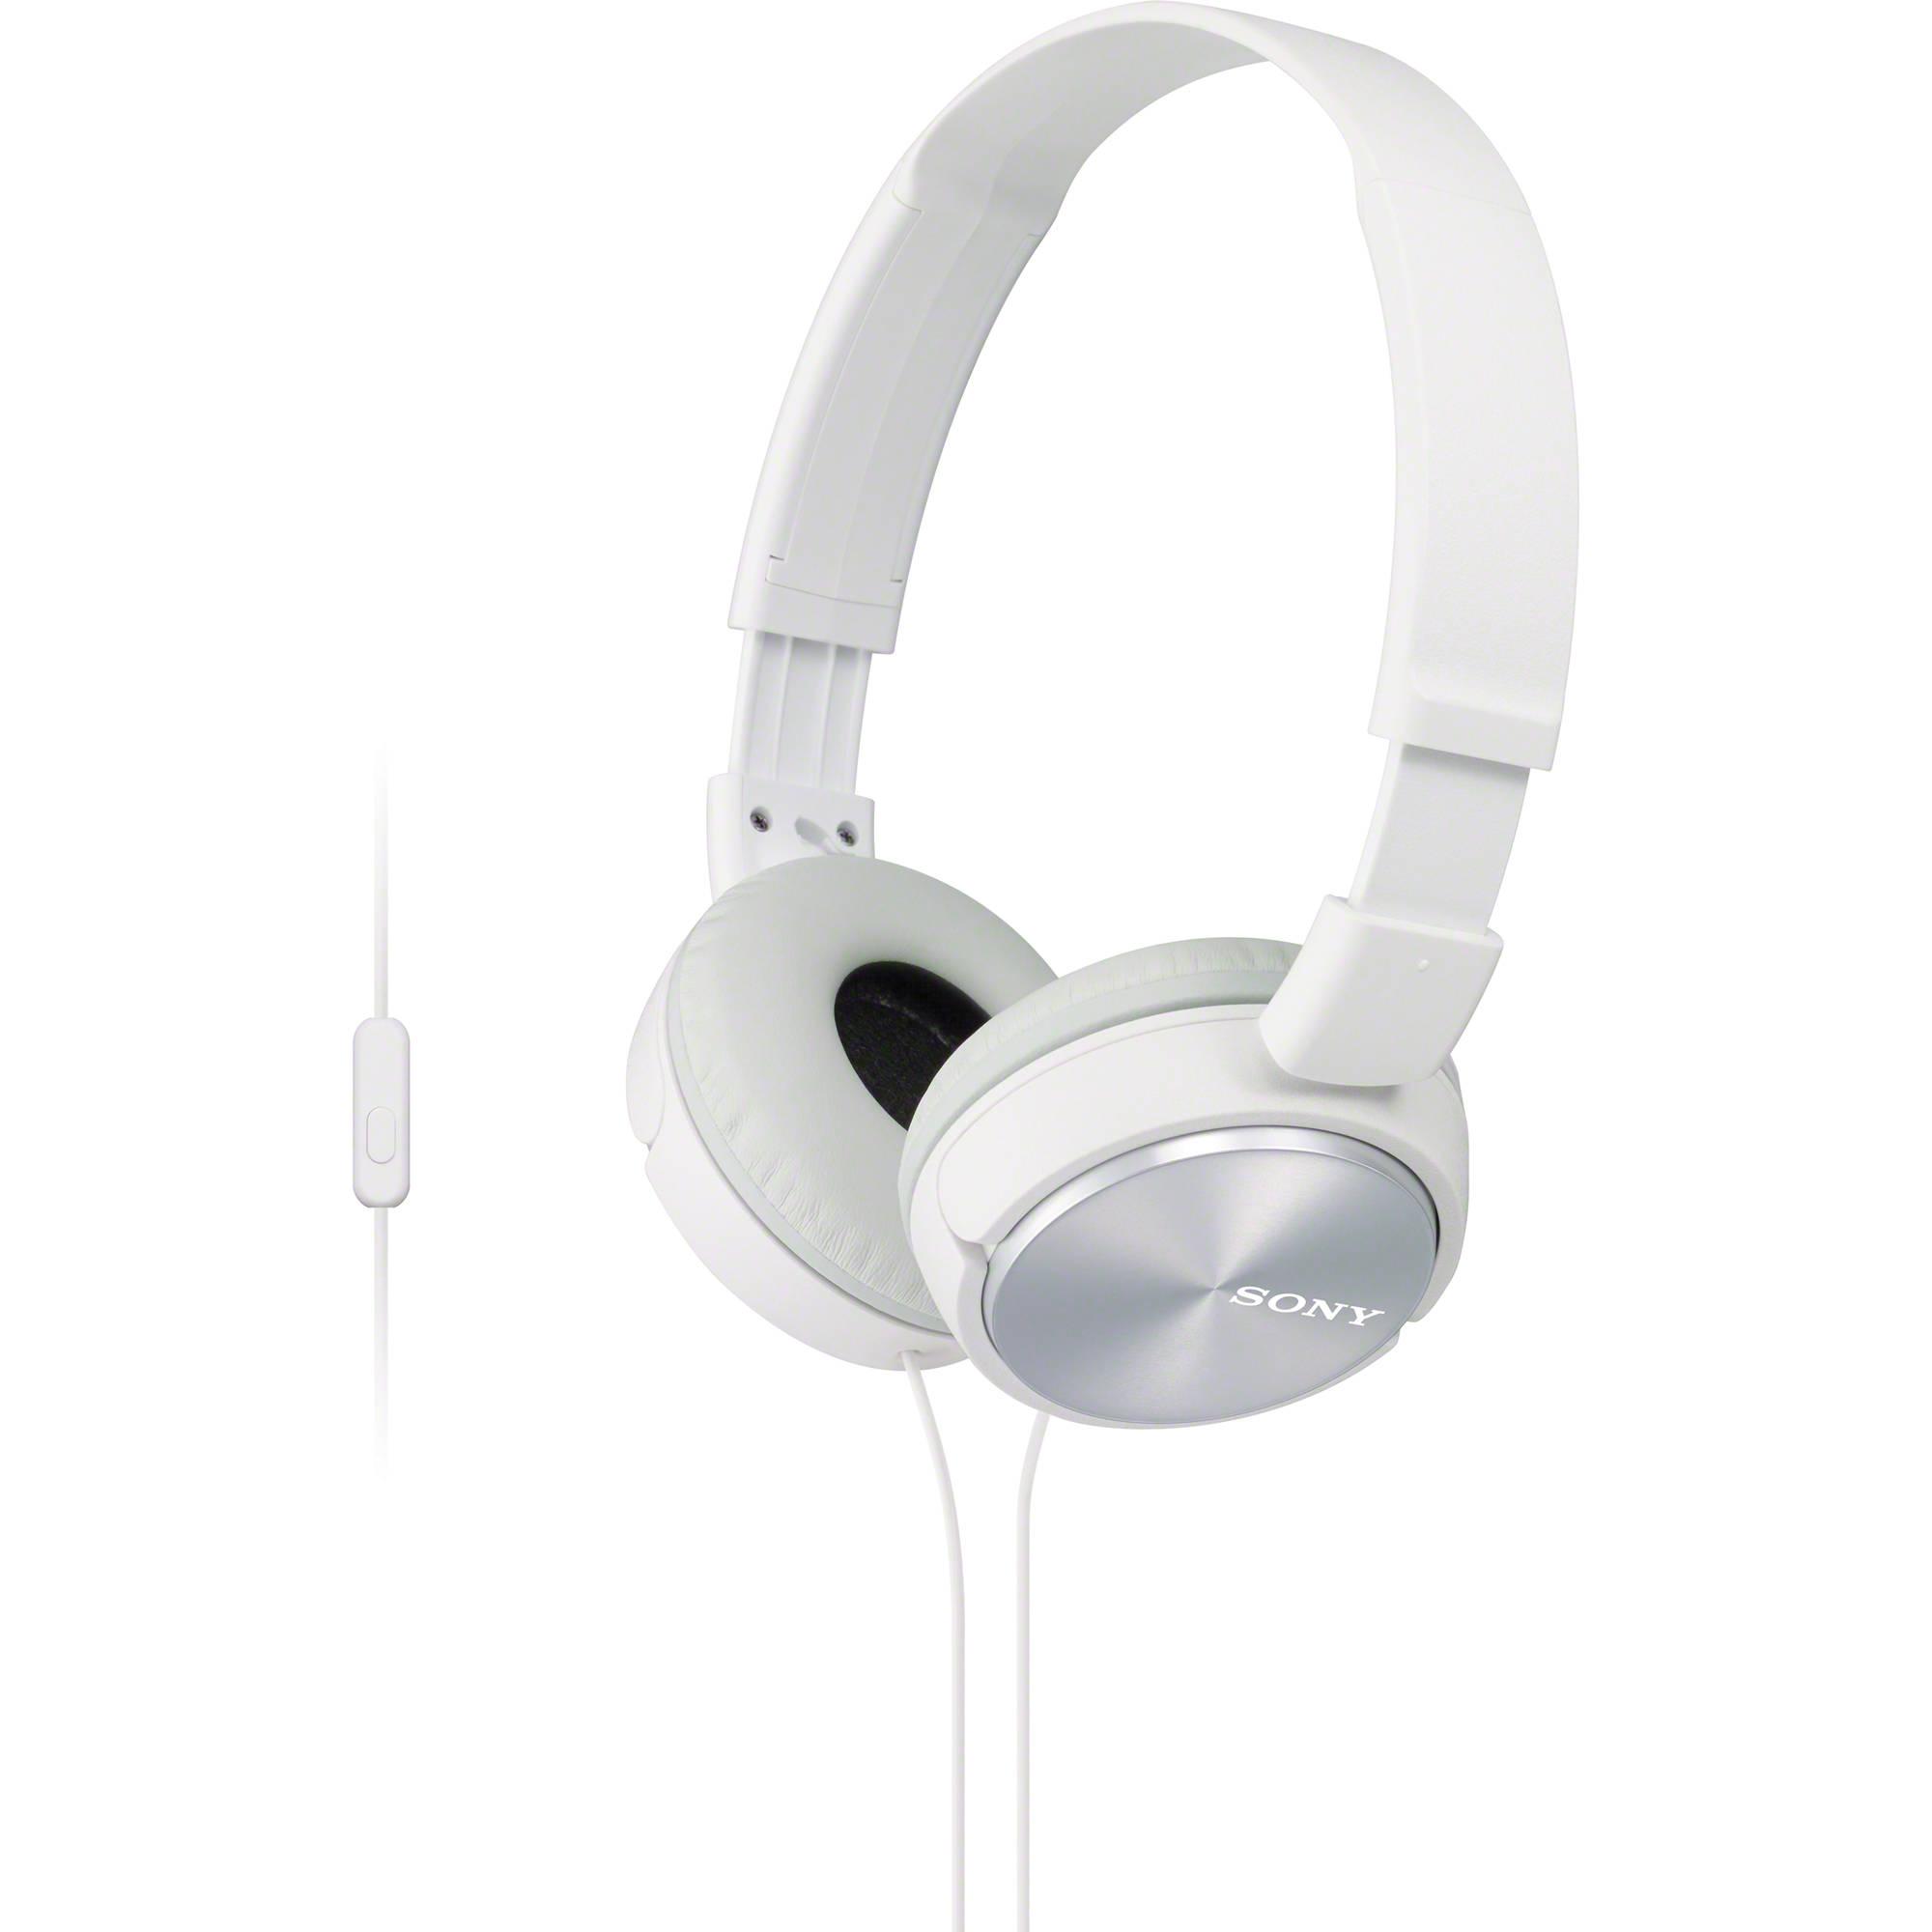 Ακουστικά Κεφαλής Στερεοφωνικά Sony MDR-ZX310AP White Android, Apple, BlackBerry image